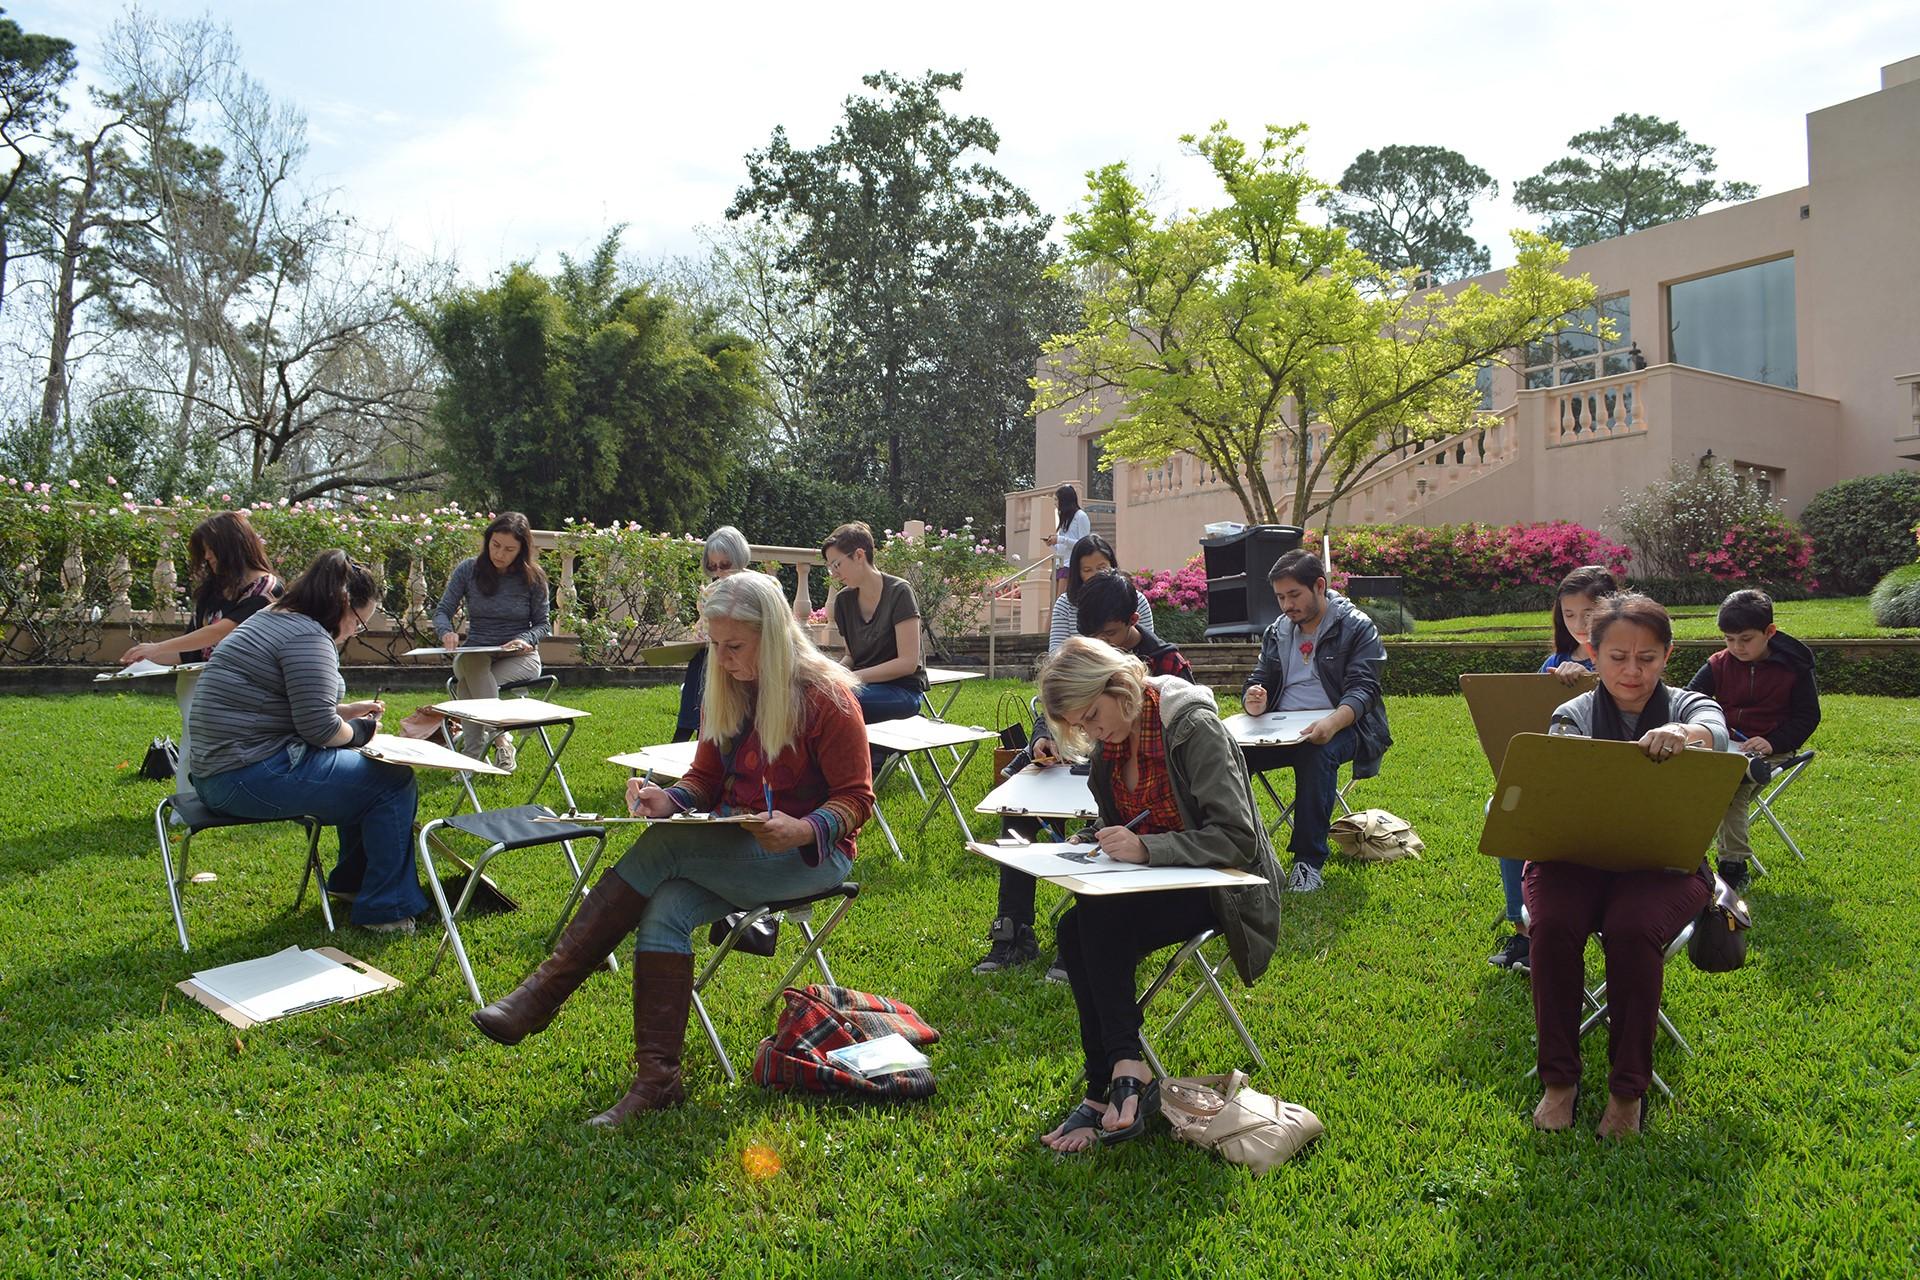 Rienzi sketching - in the gardens